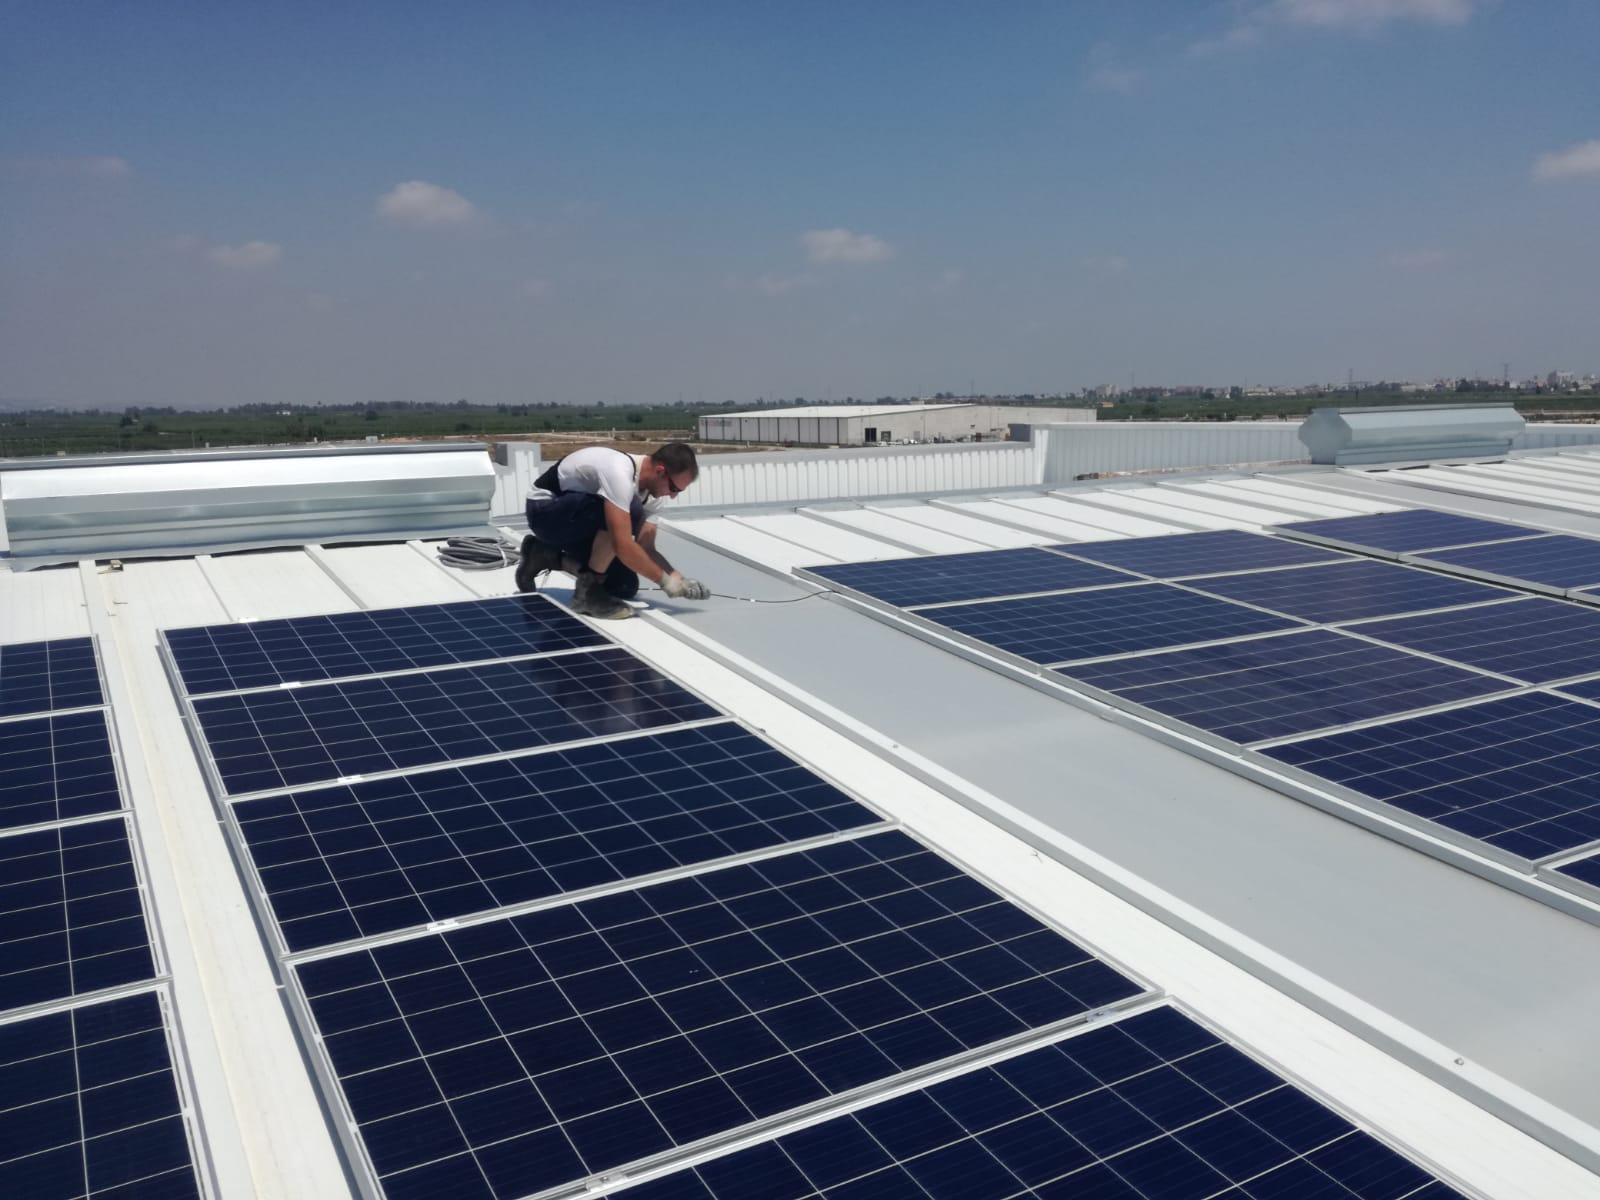 Instalación de autoconsumo fotovoltaico en Alzira - Enersoste S.L. energías renovables Segorbe